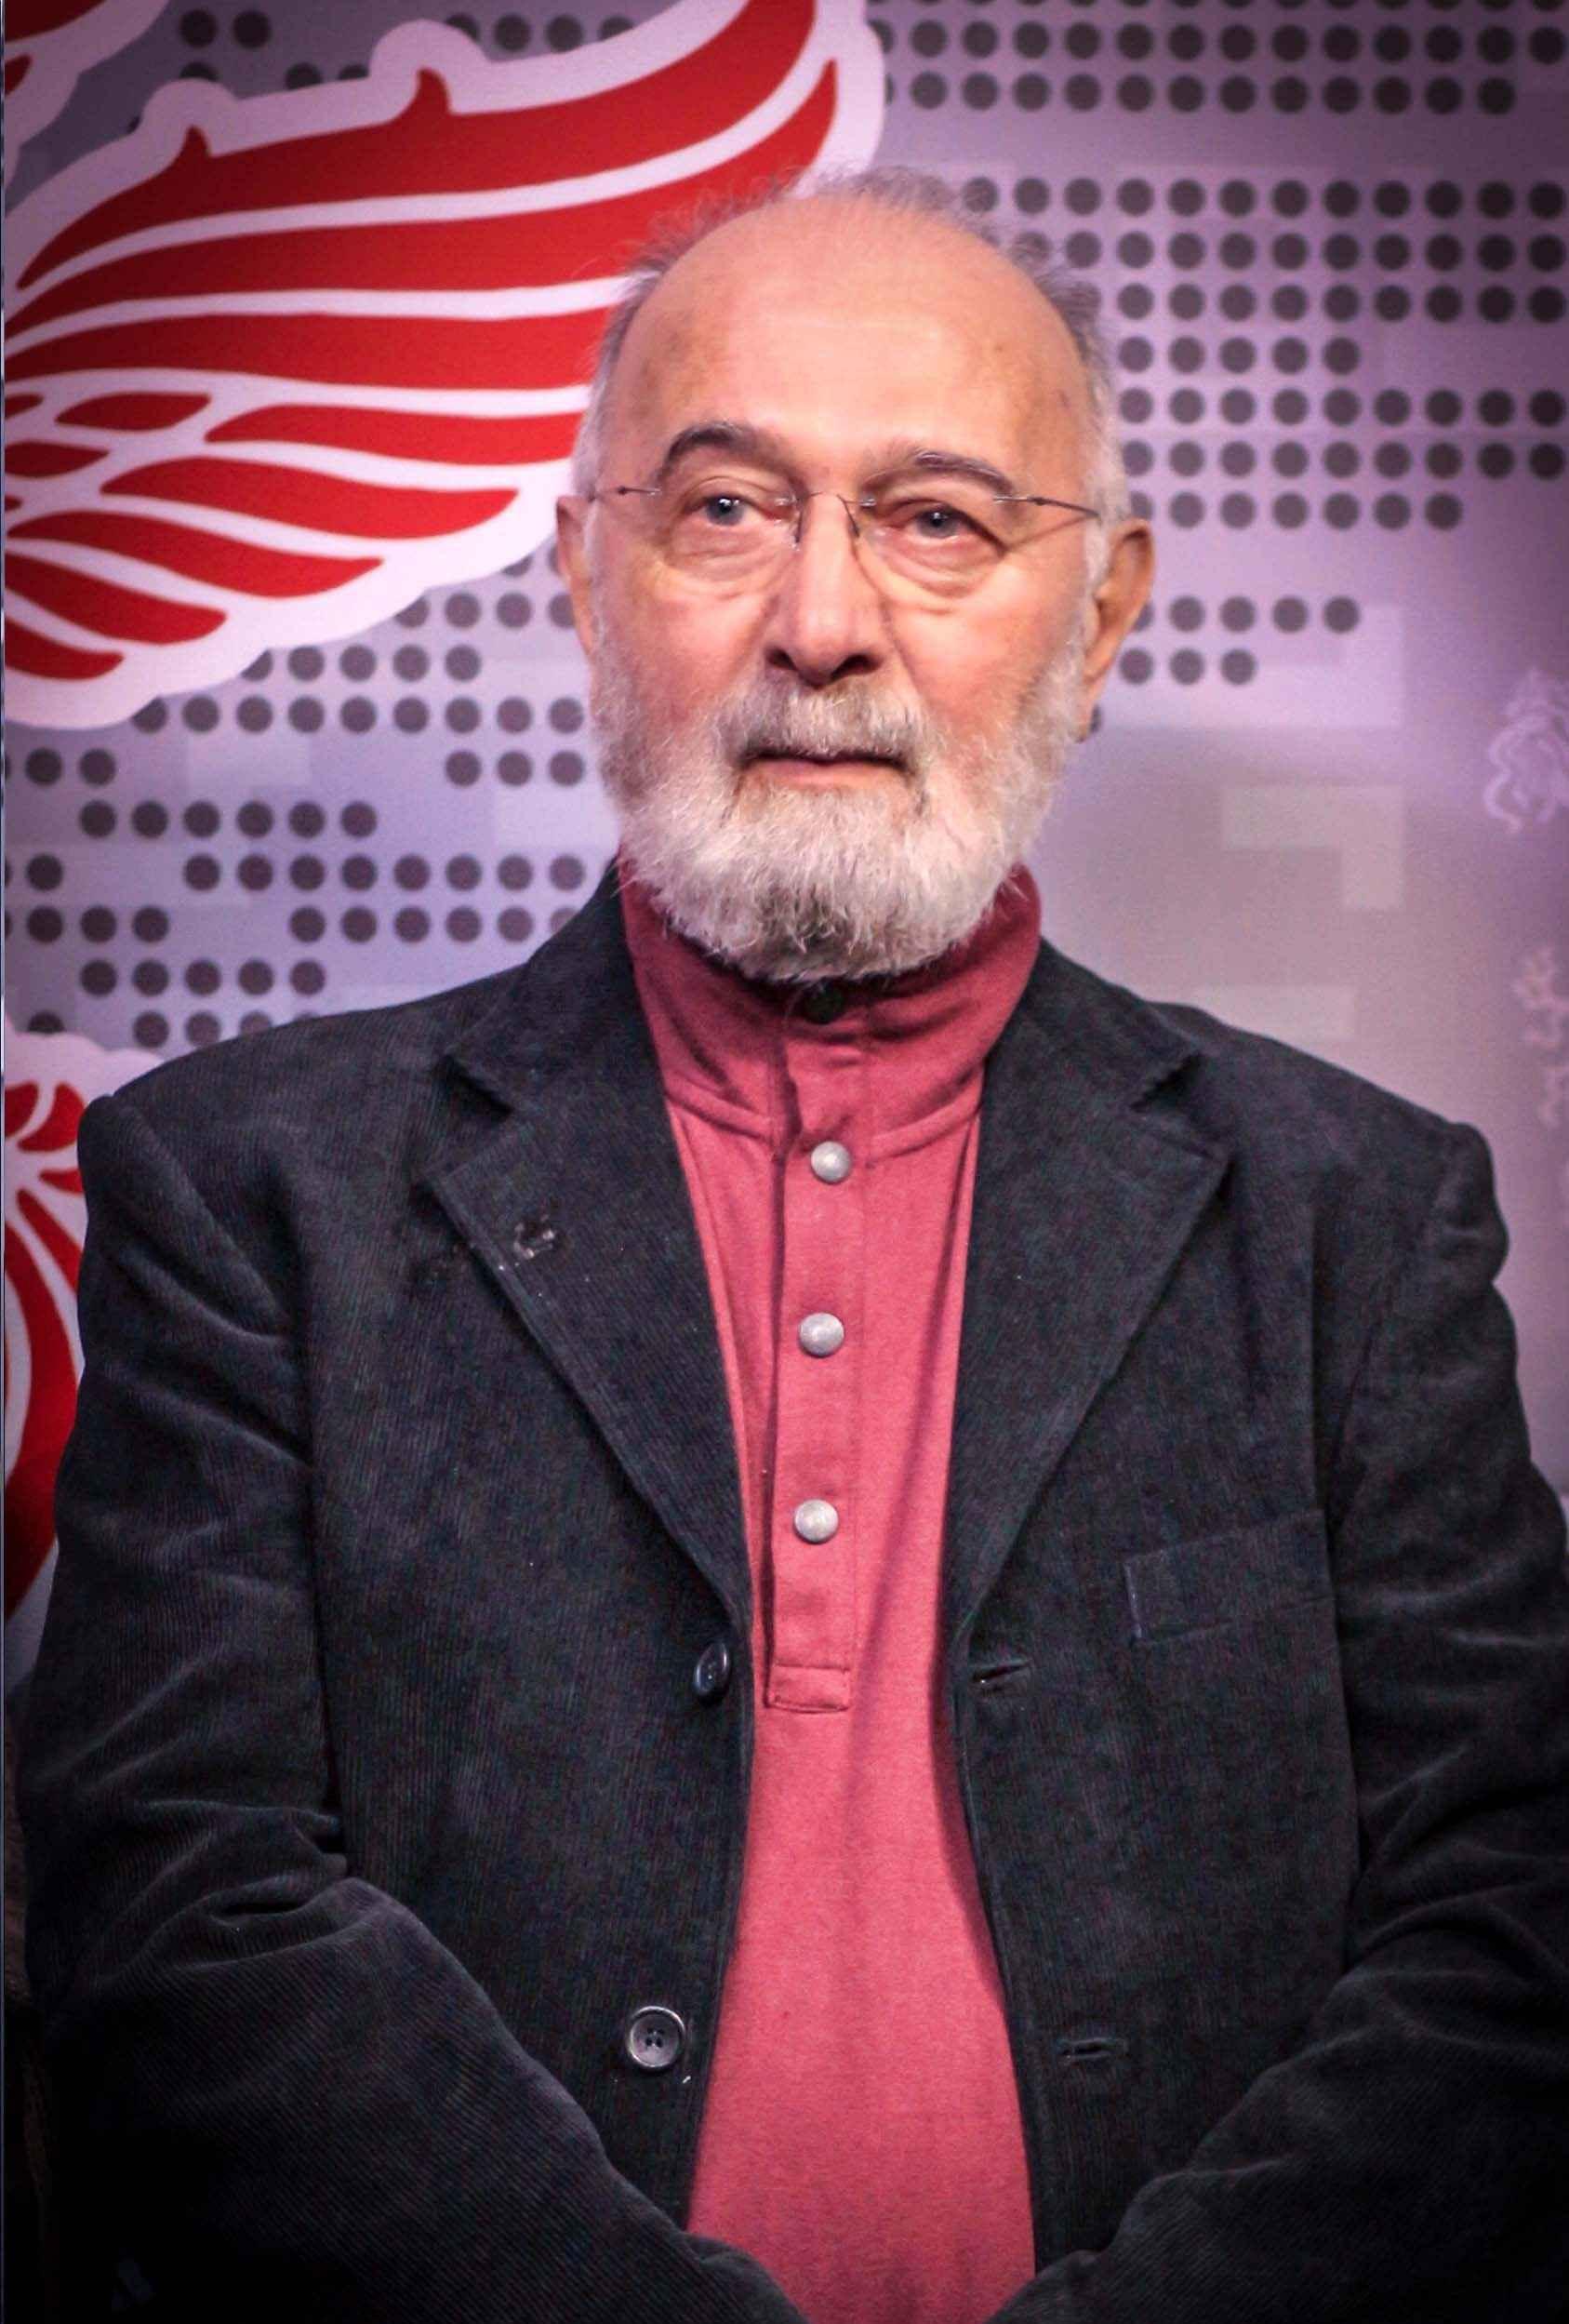 پرویز پور حسینی بازیگر در جشنواره فیلم فجر